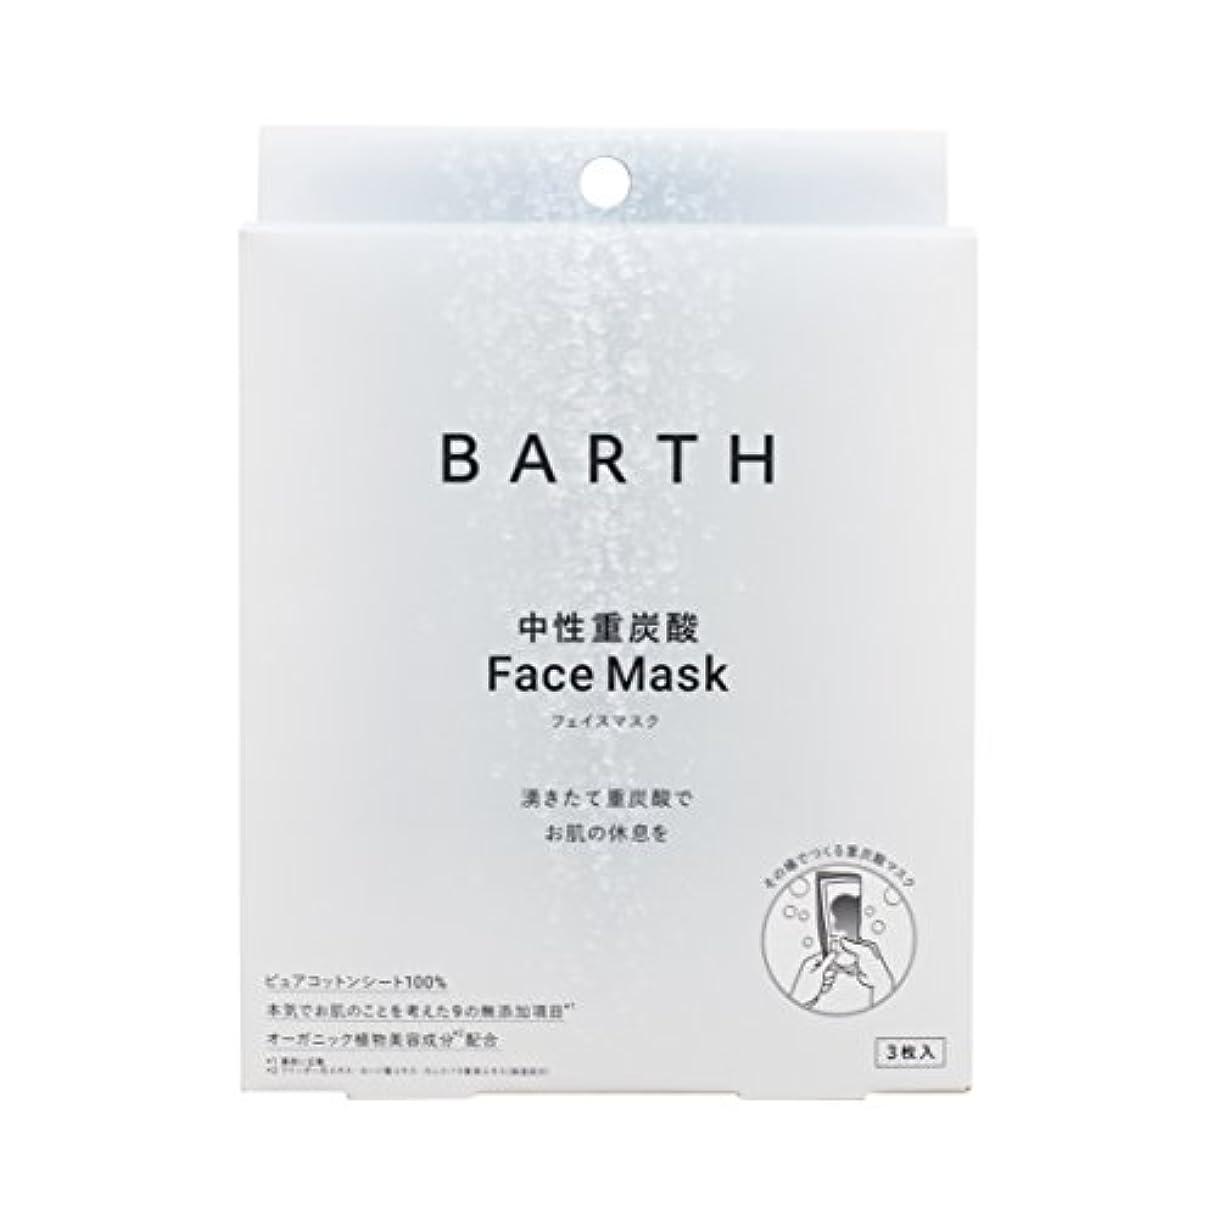 引く機知に富んだフライトBARTH【バース】 中性 重炭酸 フェイスマスク (無添加 日本製 ピュアコットン 100% オーガニック植物美容成分3種入り) (3包入り)